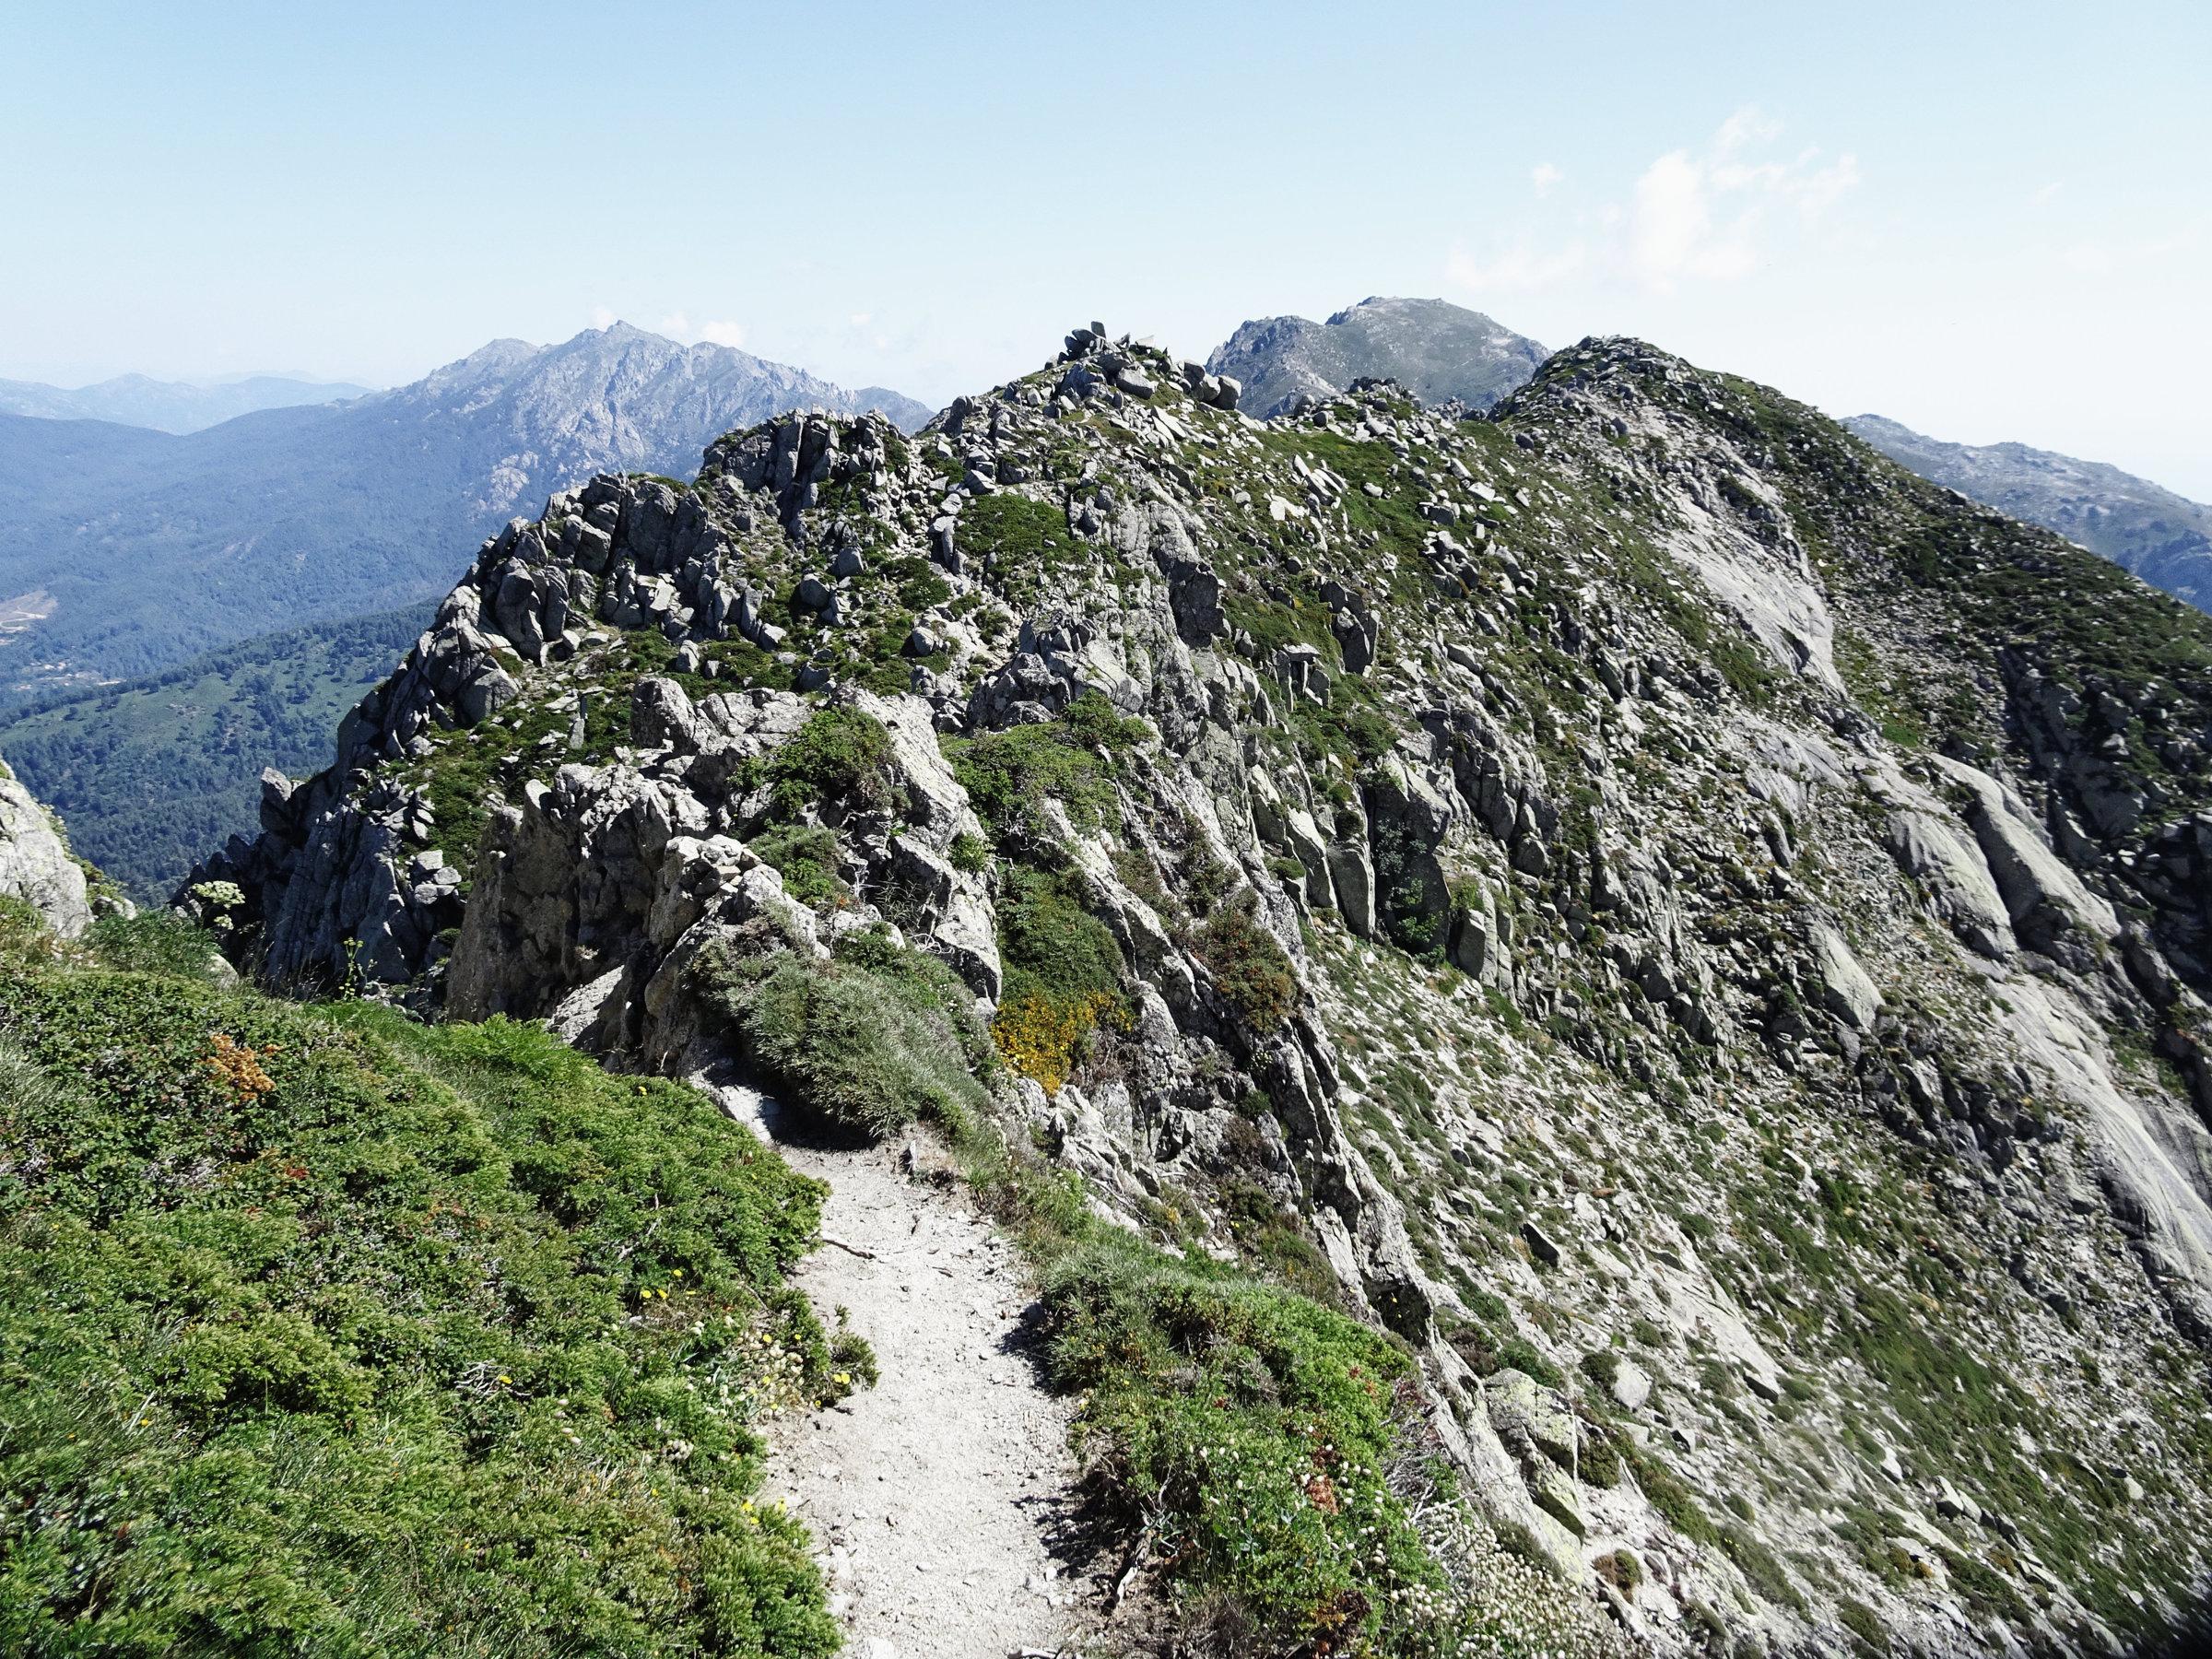 Auf dem Denkmalsgrat, Korsika, GR20 Weitwanderweg, Wandern, Berge, Frankreich